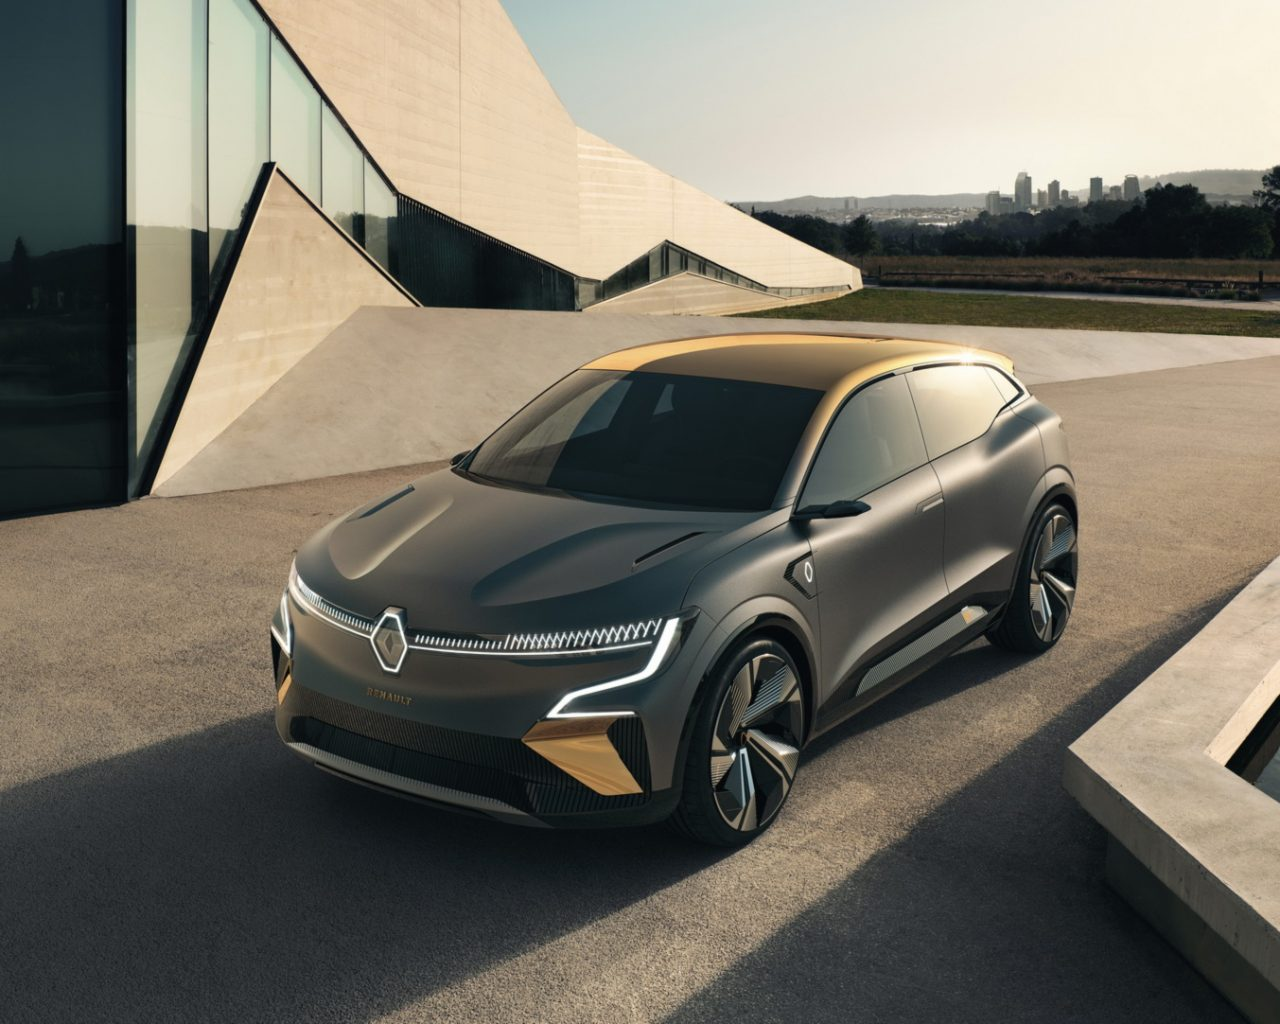 Volvo'dan Sonra Renault da Otomobillerini 180 Km / s ile Sınırlayacak